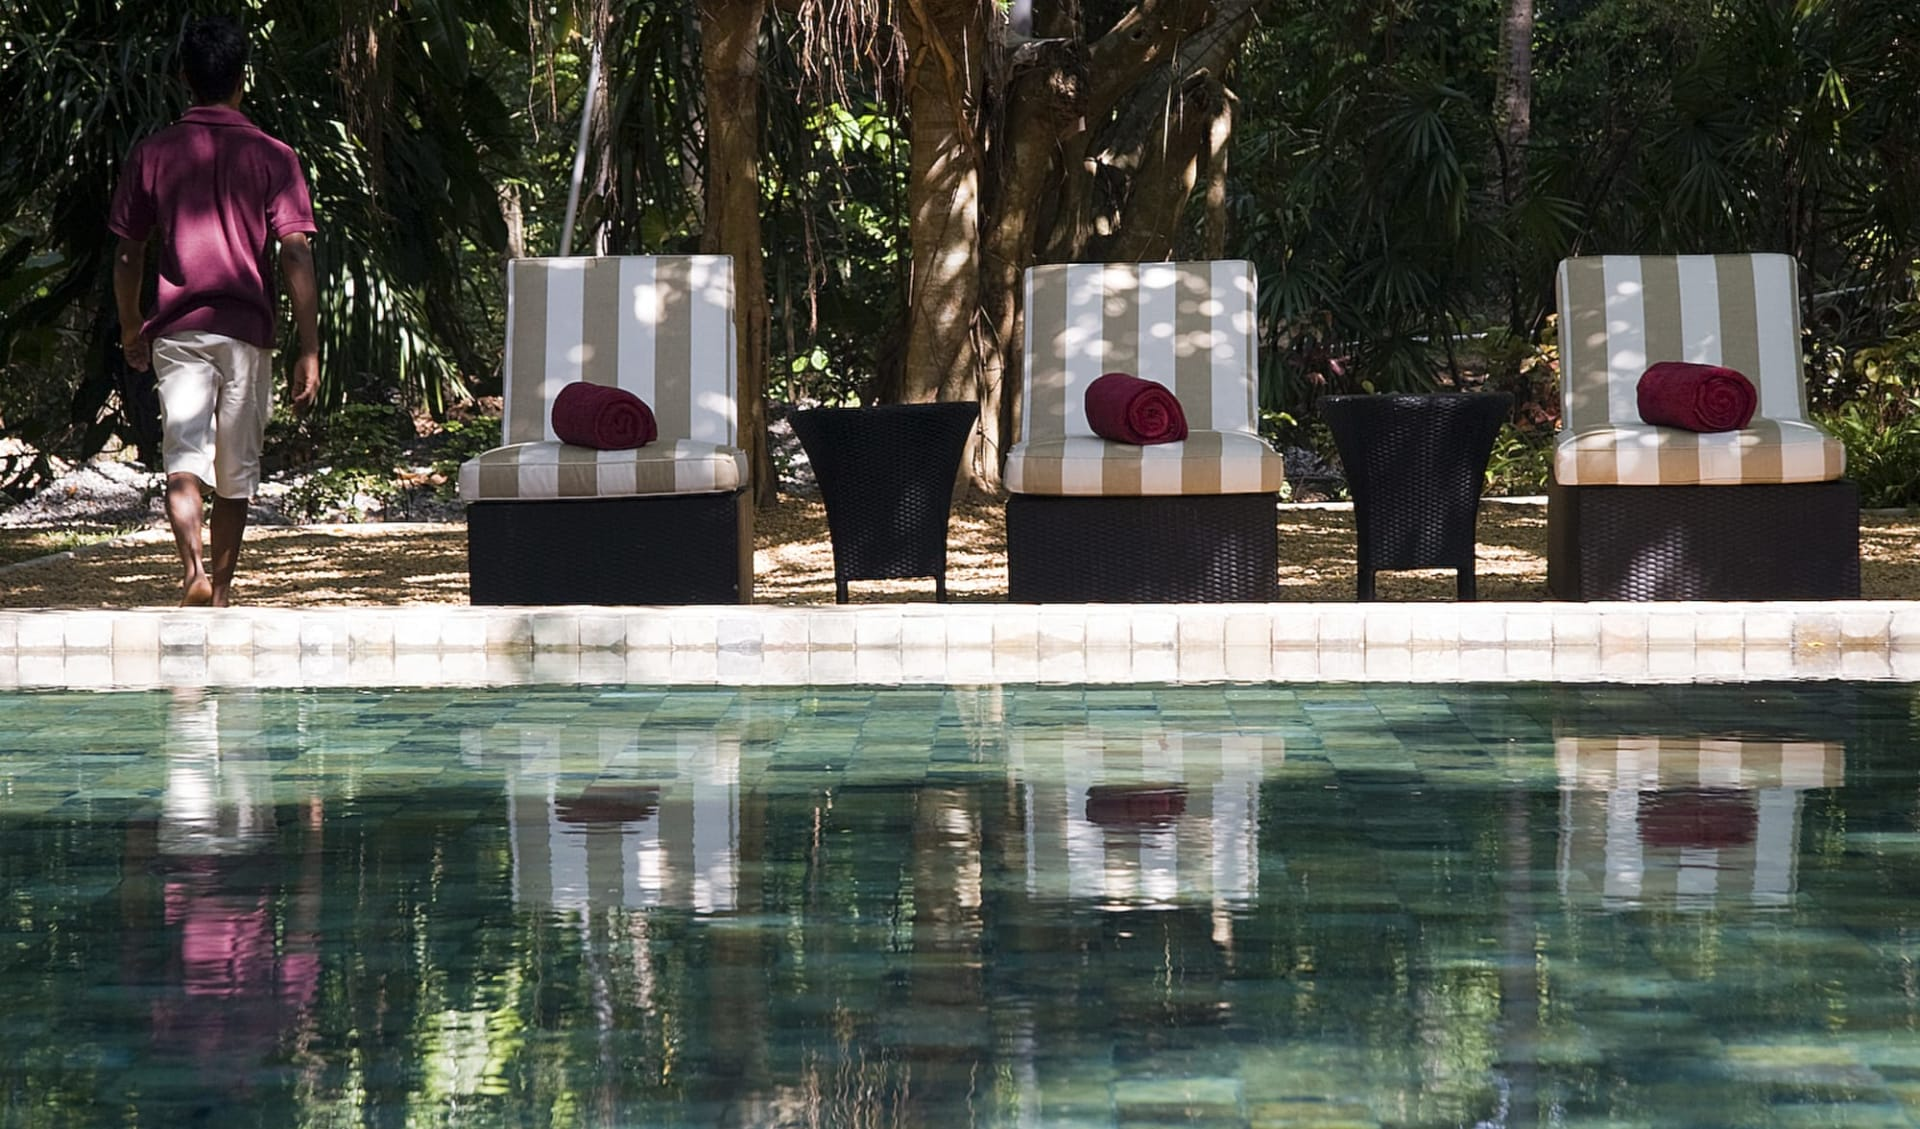 The Wallawwa in Colombo: Pool